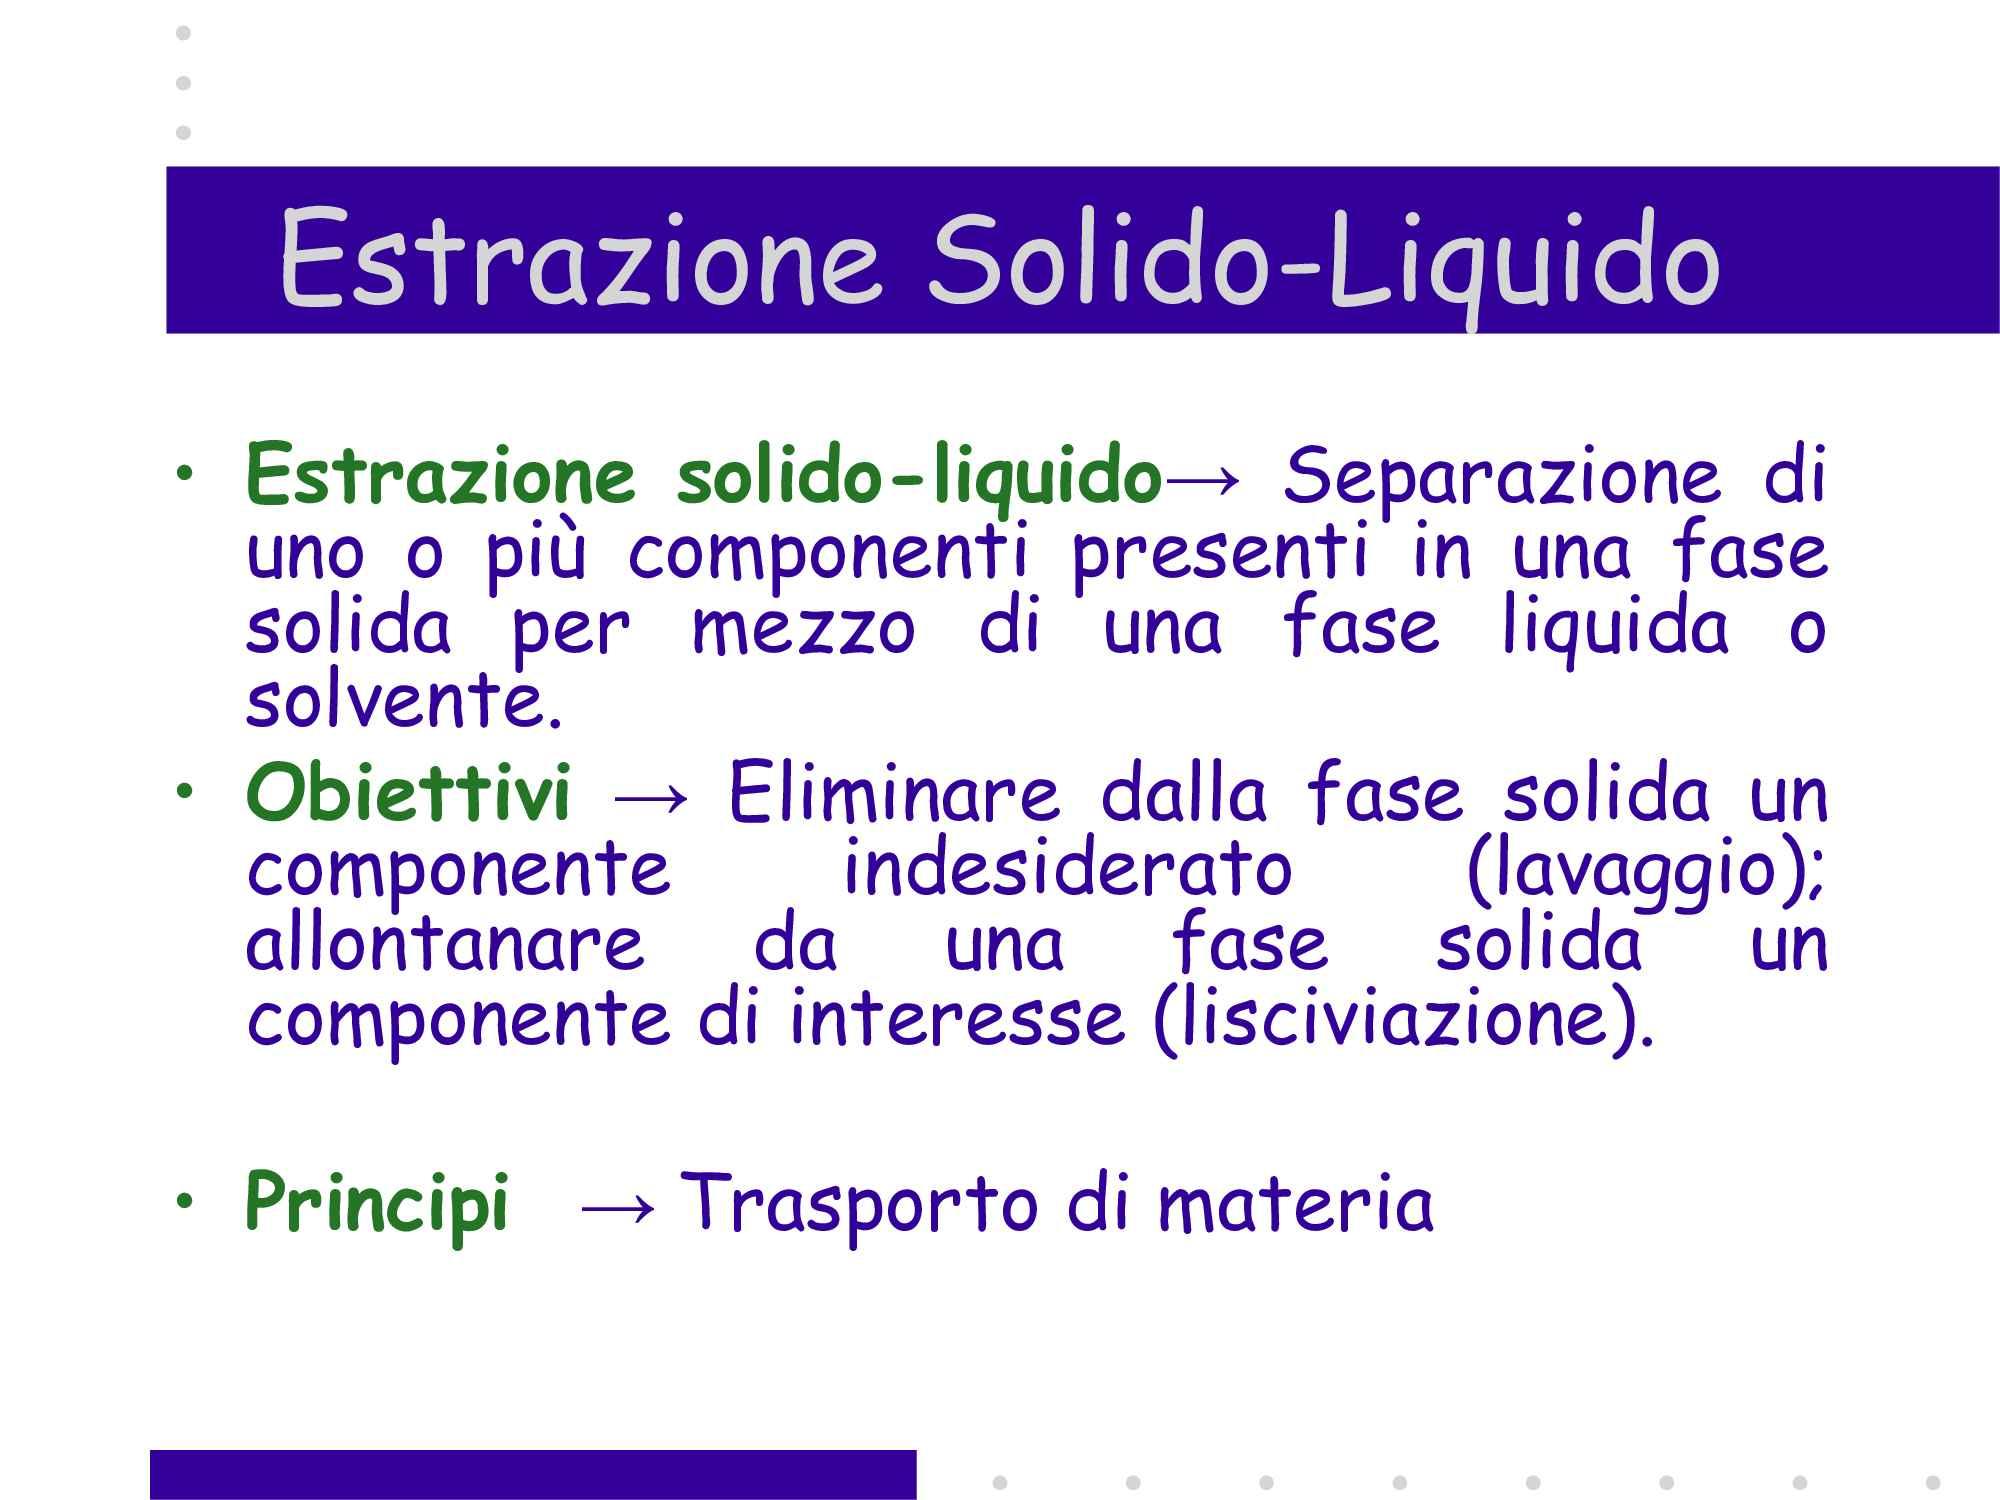 Estrazione Solido Liquido